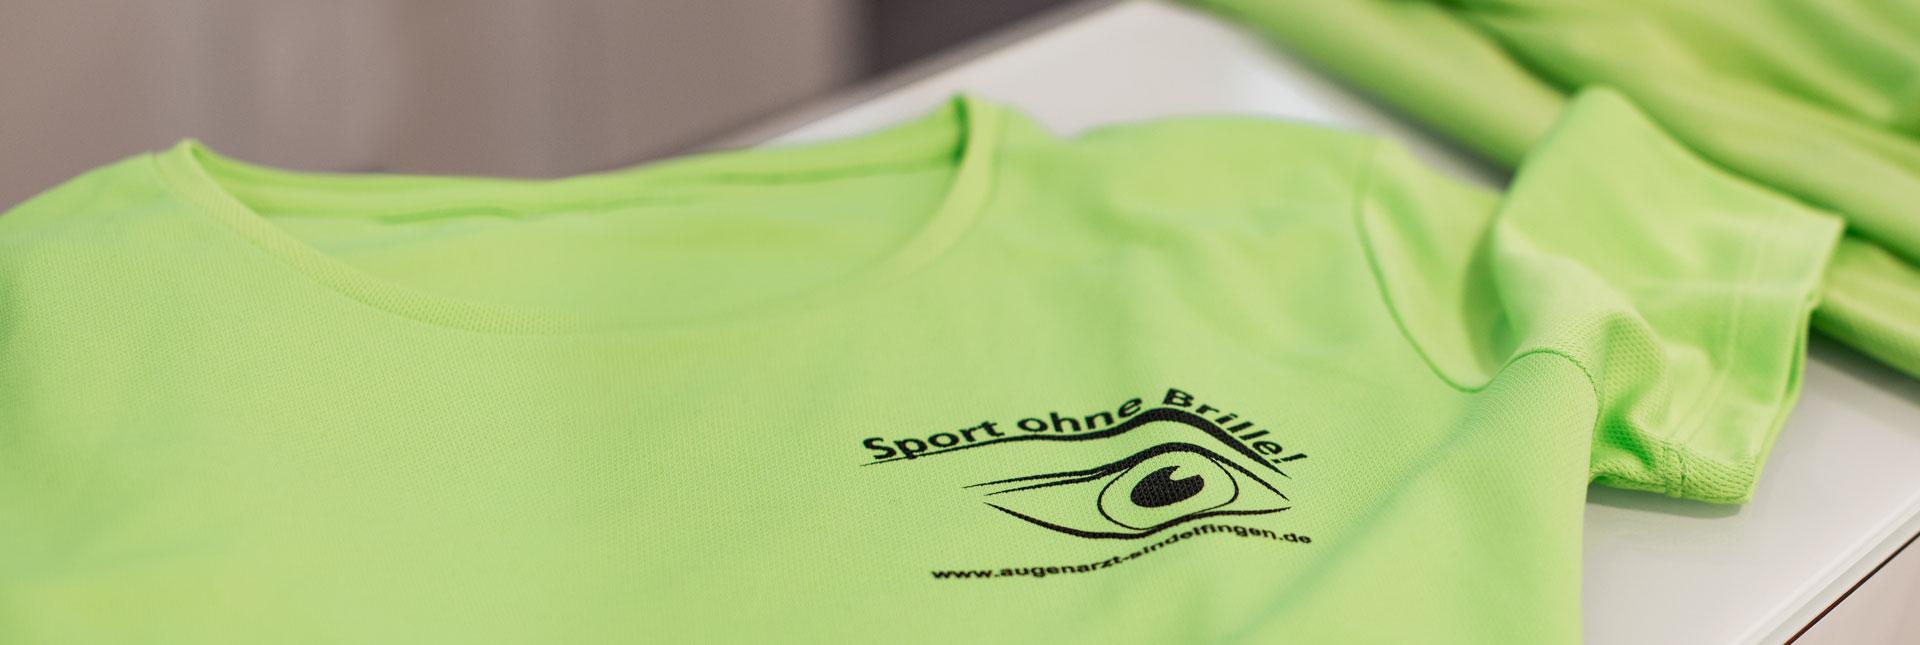 Augenärzte Sindelfingen – Leben ohne Brille